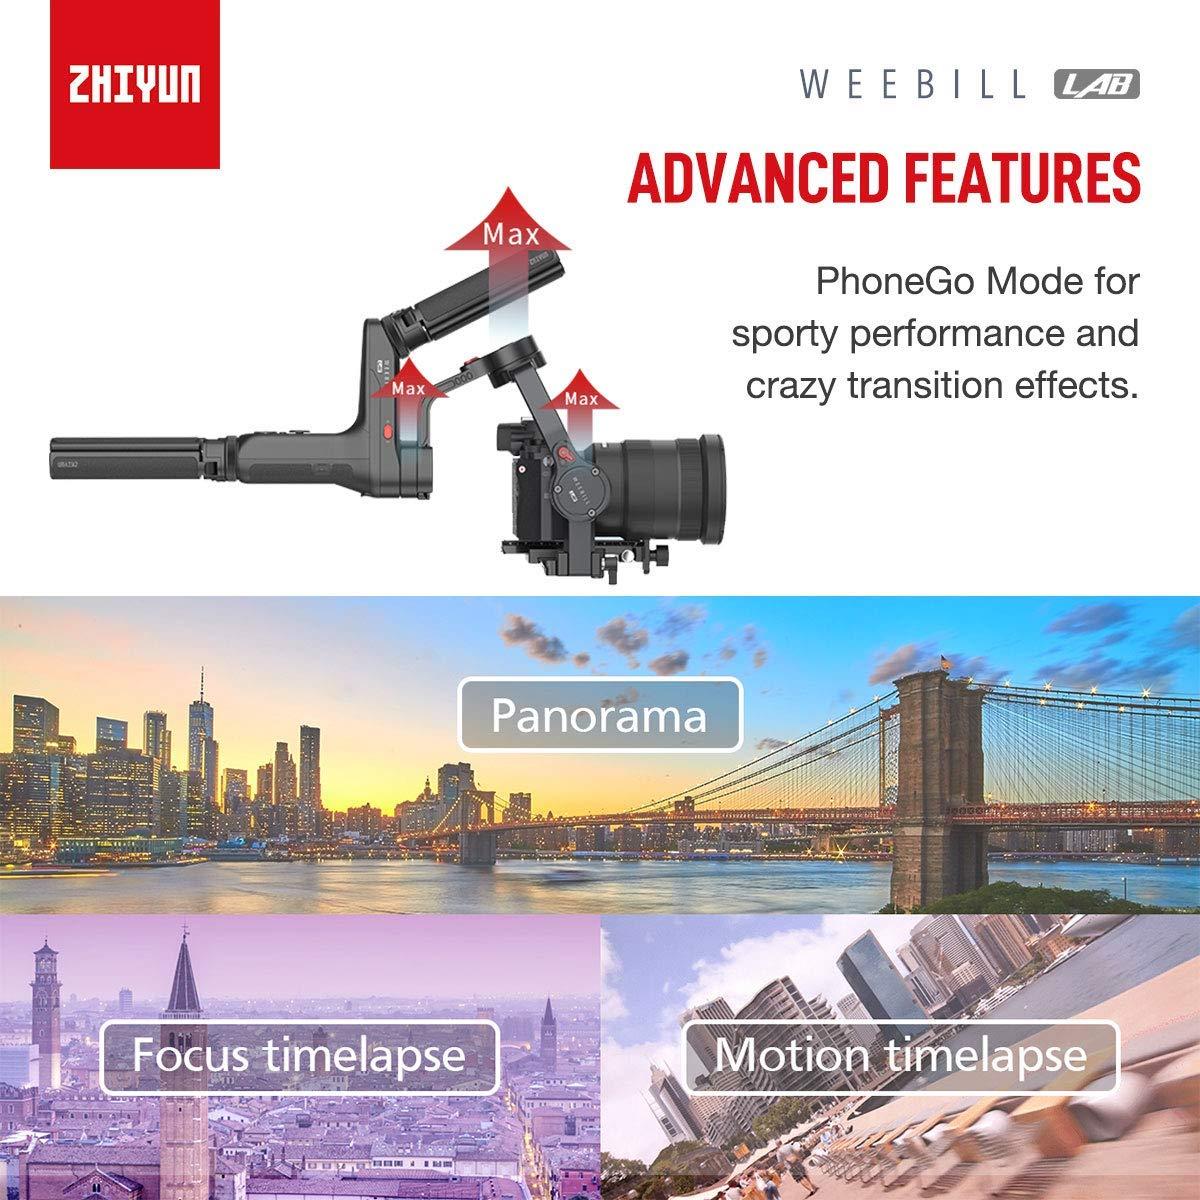 Zhiyun WEEBILL Lab Creator Kit de Estructura versátil, Redefine el estabilizador Manual para cámaras sin Espejo, 3 kg de Carga, transmisión de Imagen ...